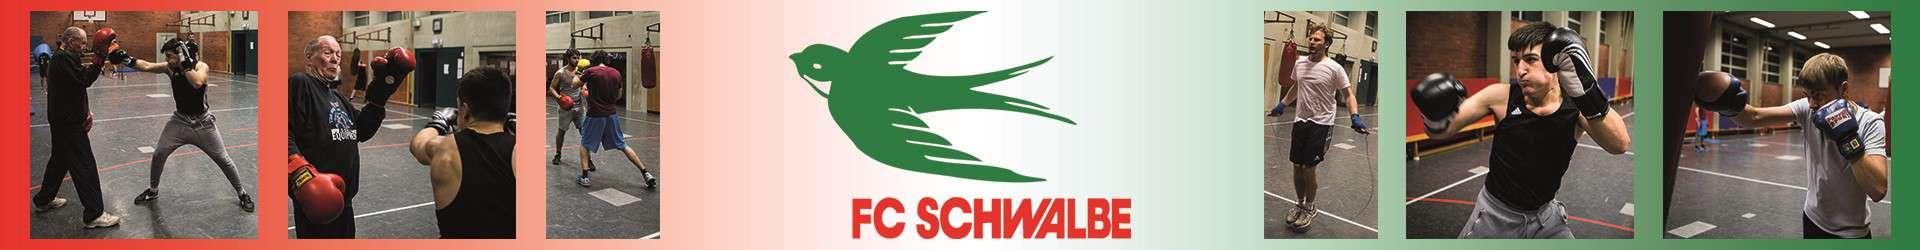 Boxen FC Schwalbe Hannover